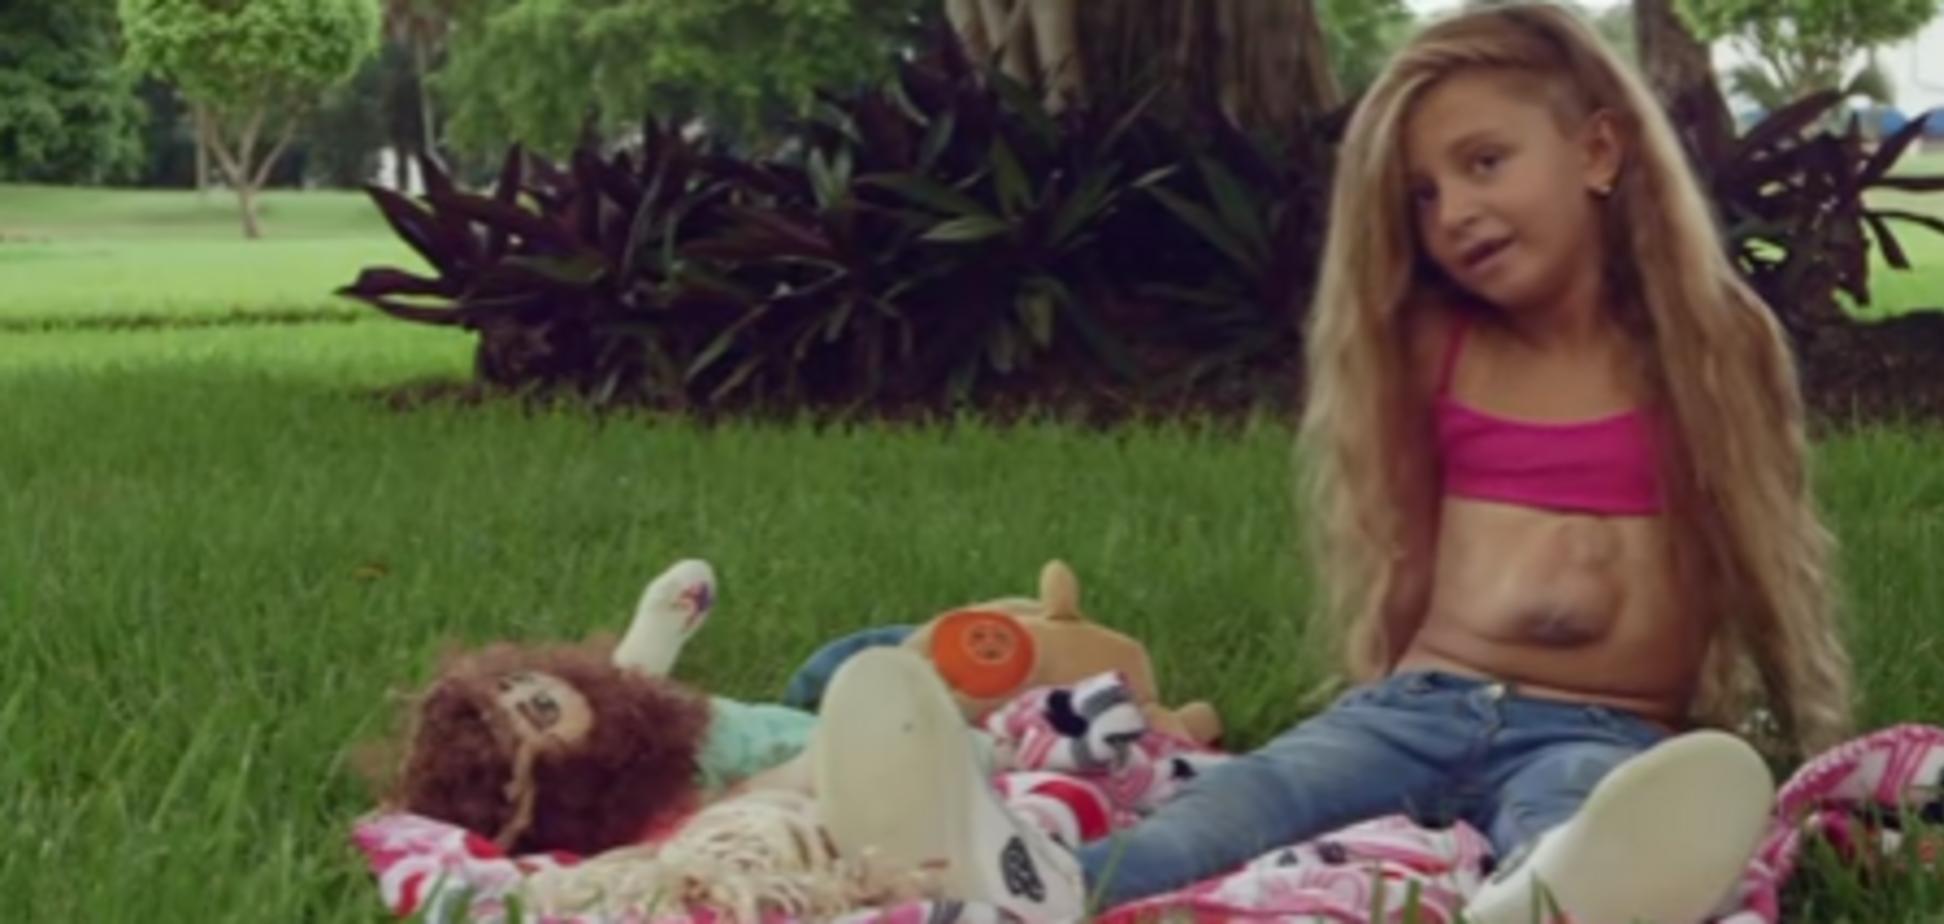 Відео з дівчинкою, у якої серце б'ється назовні, шокувало мережу